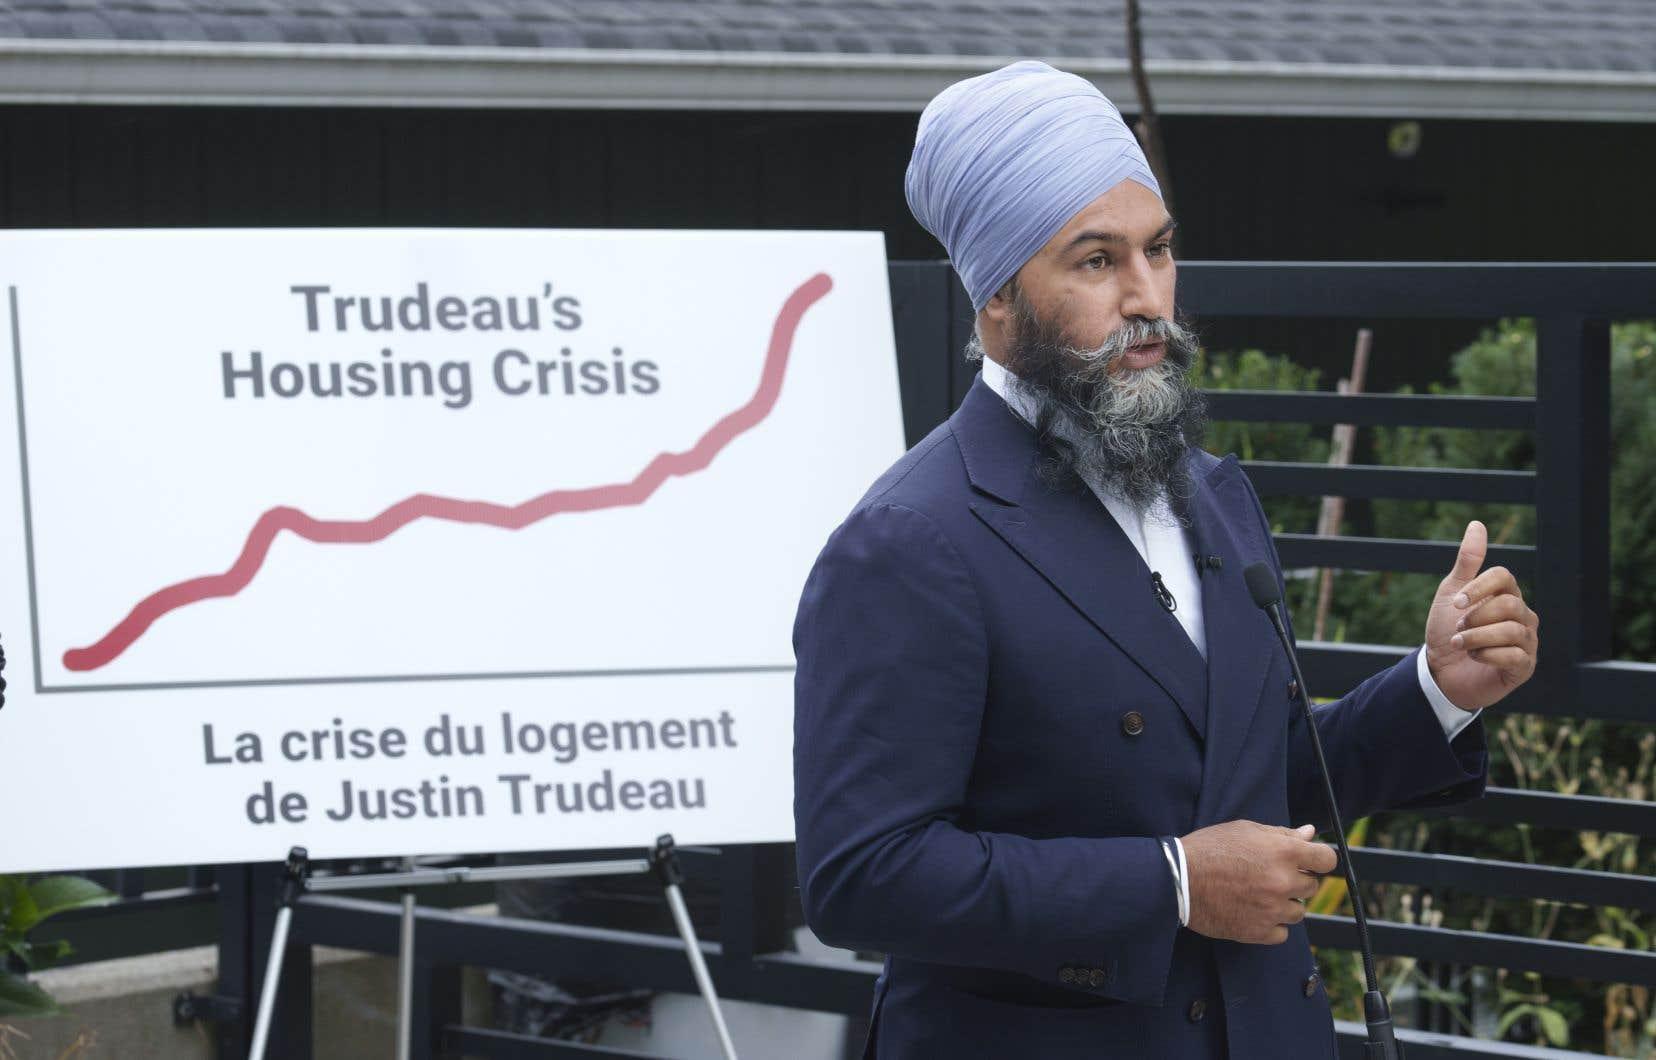 Devant un graphique «La crise du logement de Justin Trudeau», le chef néodémocrate a ramené cette élection à un choix entre les libéraux qui favorisent les «riches investisseurs» et les néodémocrates qui veulent faire sortir les grands capitaux du secteur de l'habitation.